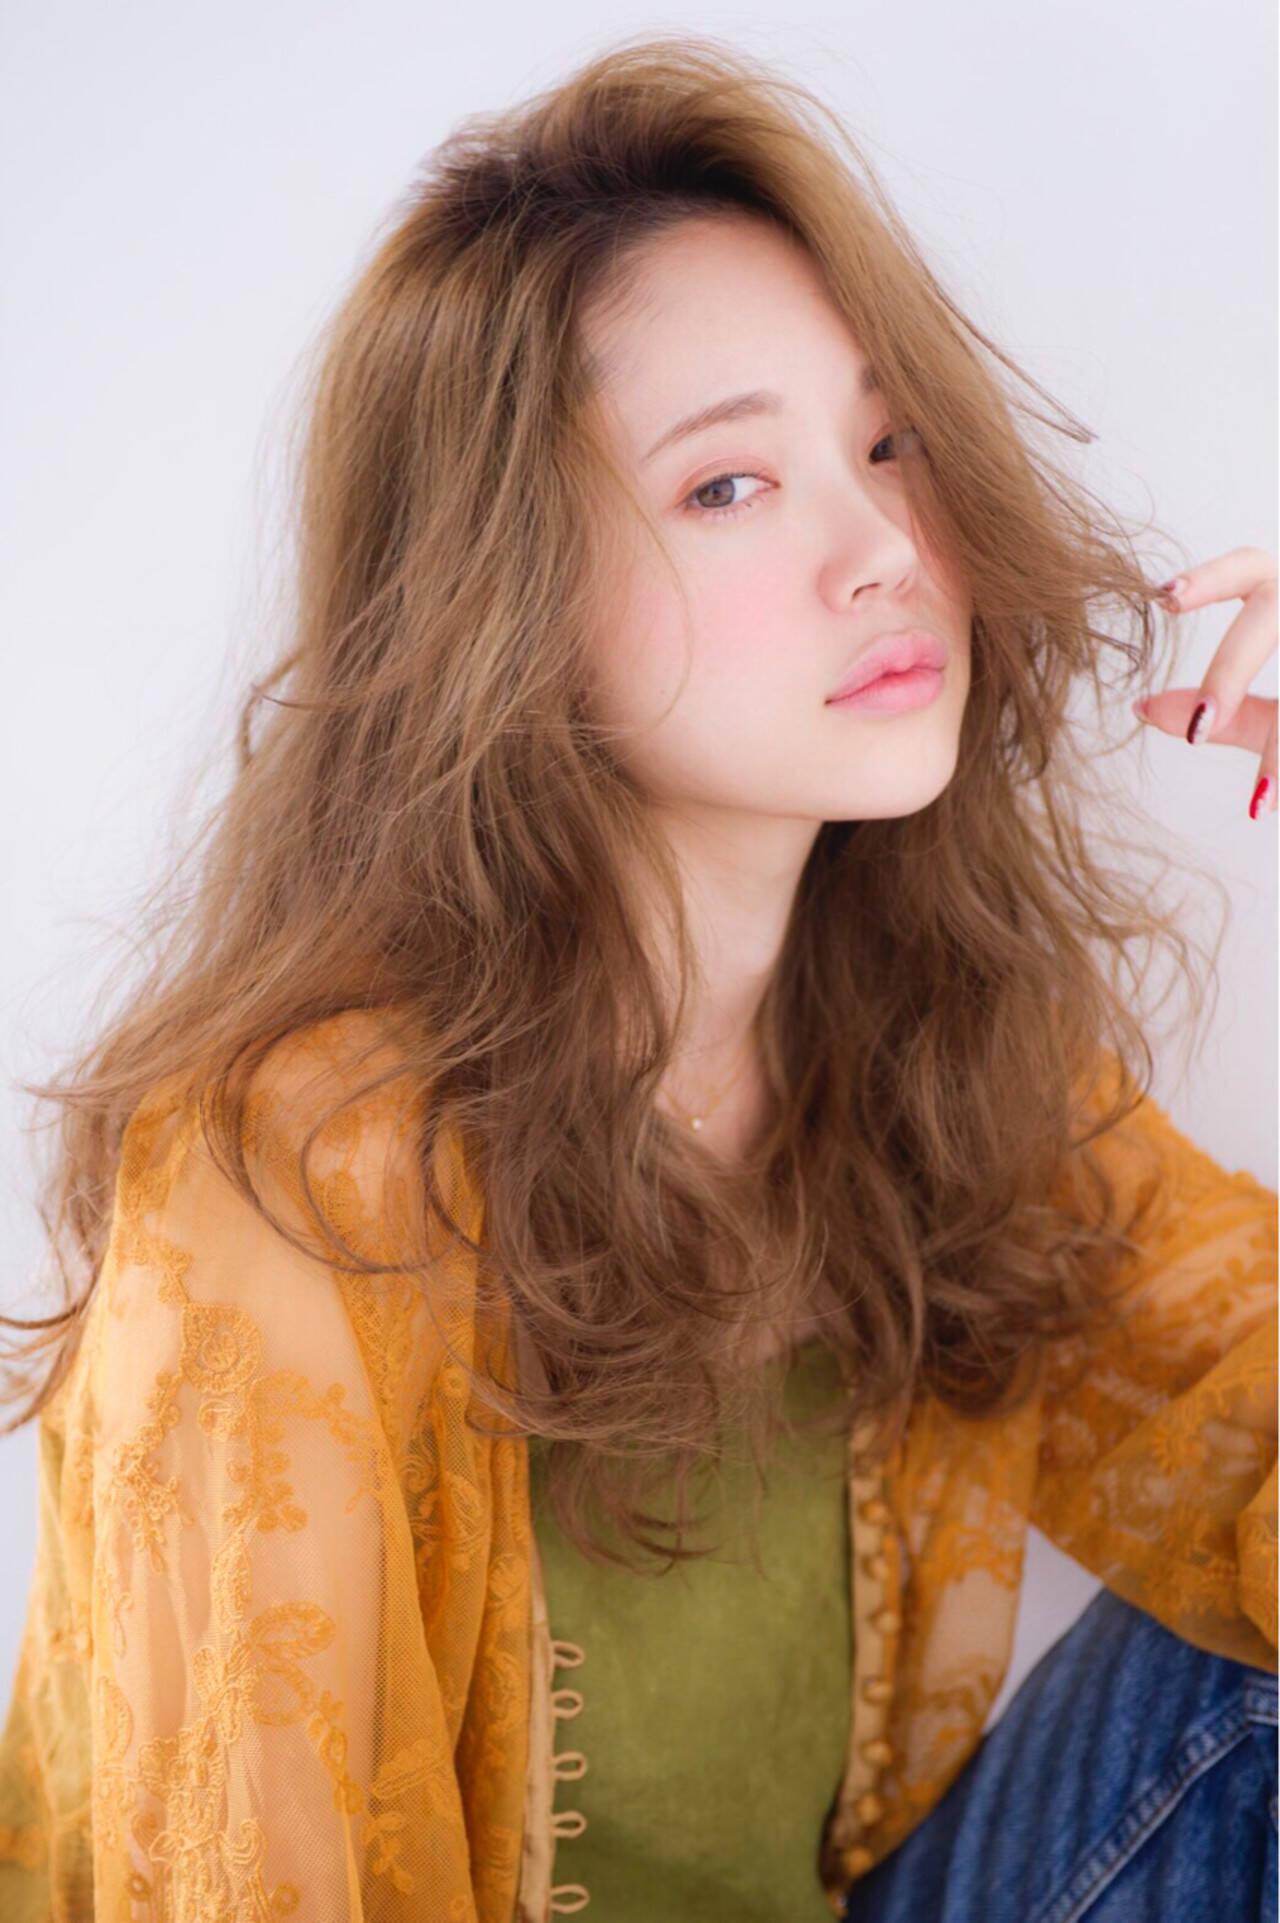 ヌーディーベージュ ロング 抜け感 イルミナカラーヘアスタイルや髪型の写真・画像